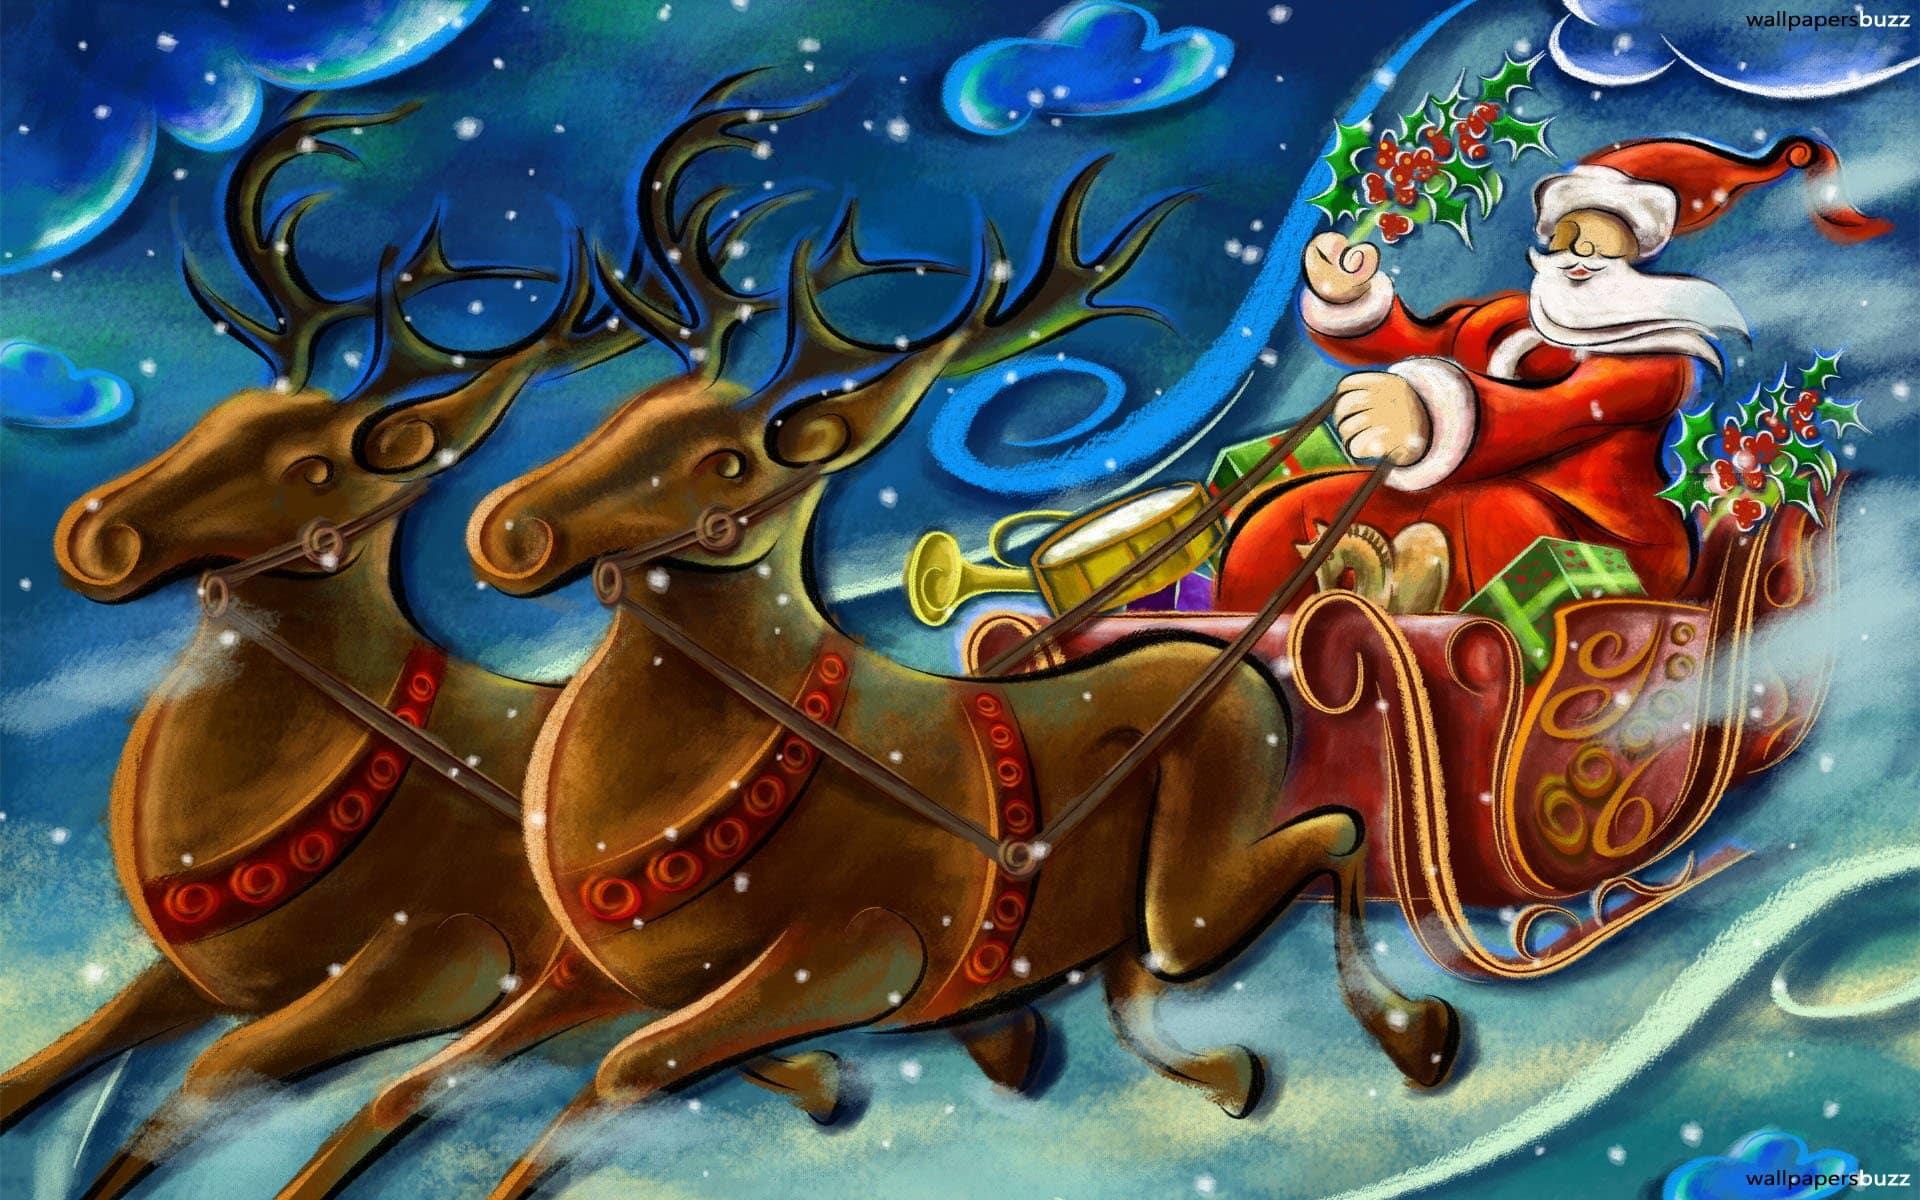 Santa Claus Sleigh Reindeer eBay Template, Free Santa Claus Sleigh ...